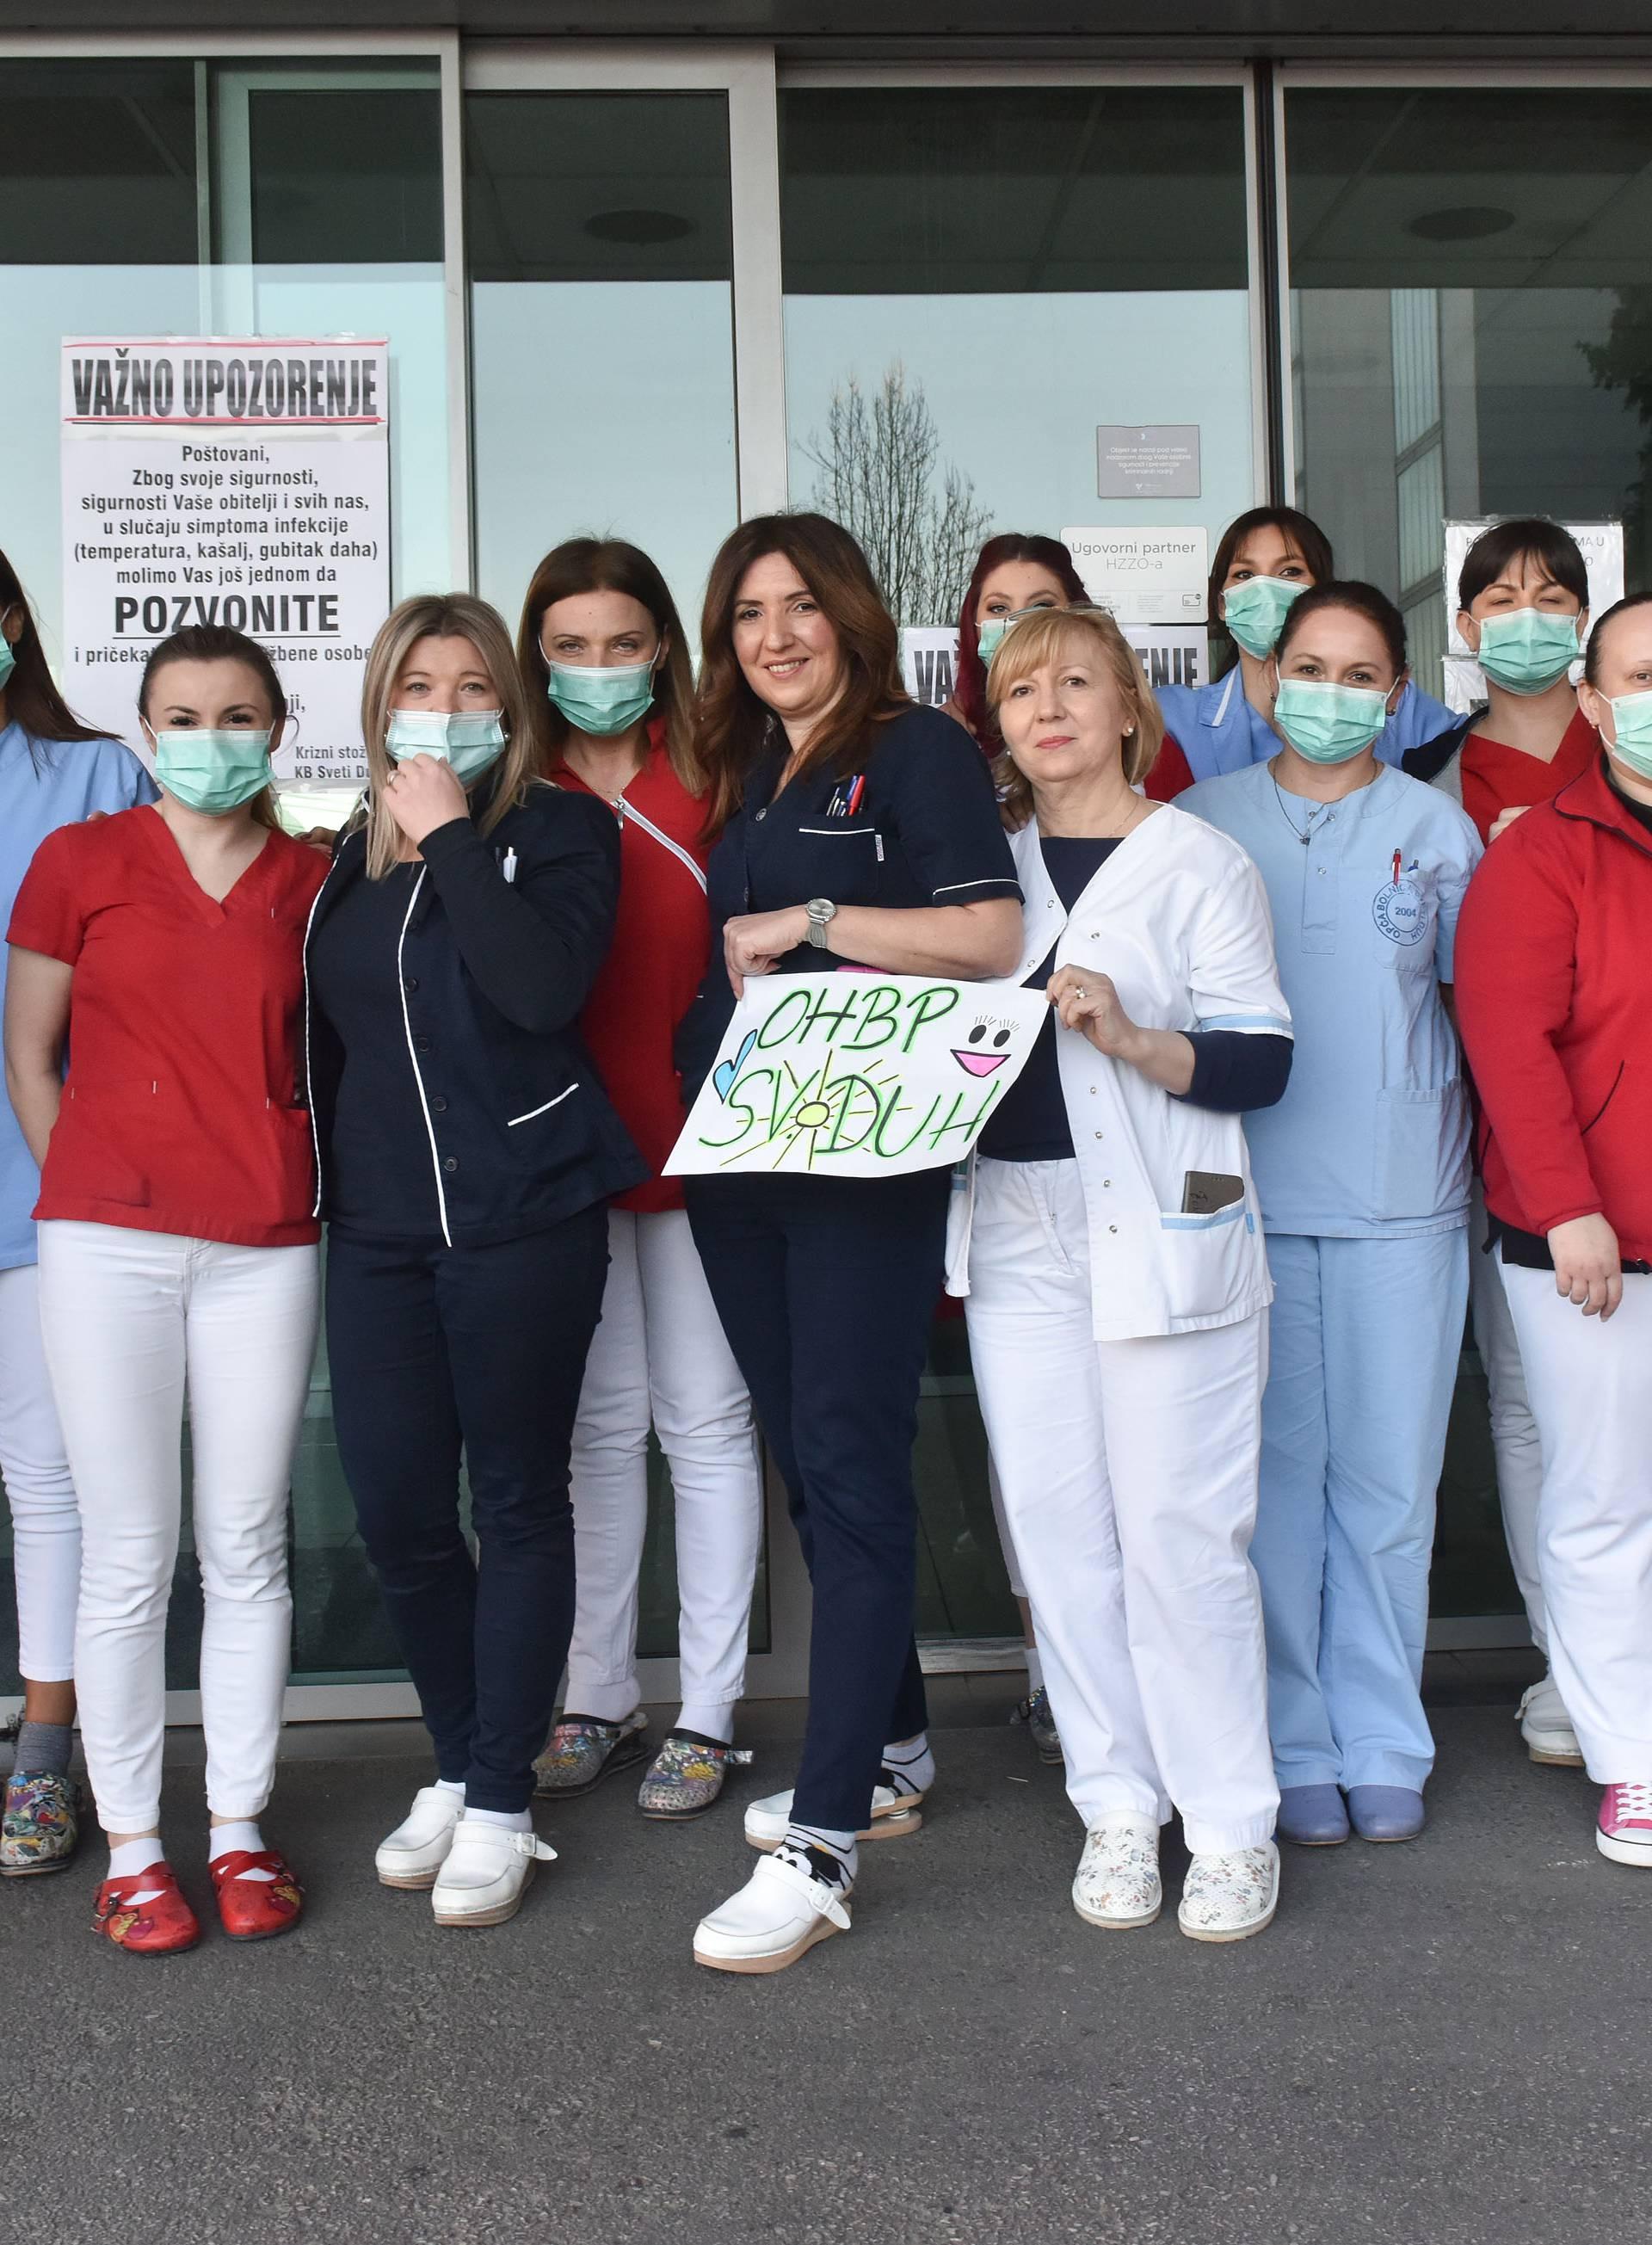 Poruke podrške: 'Zadržavamo svoje suze i dajemo osmijeh'